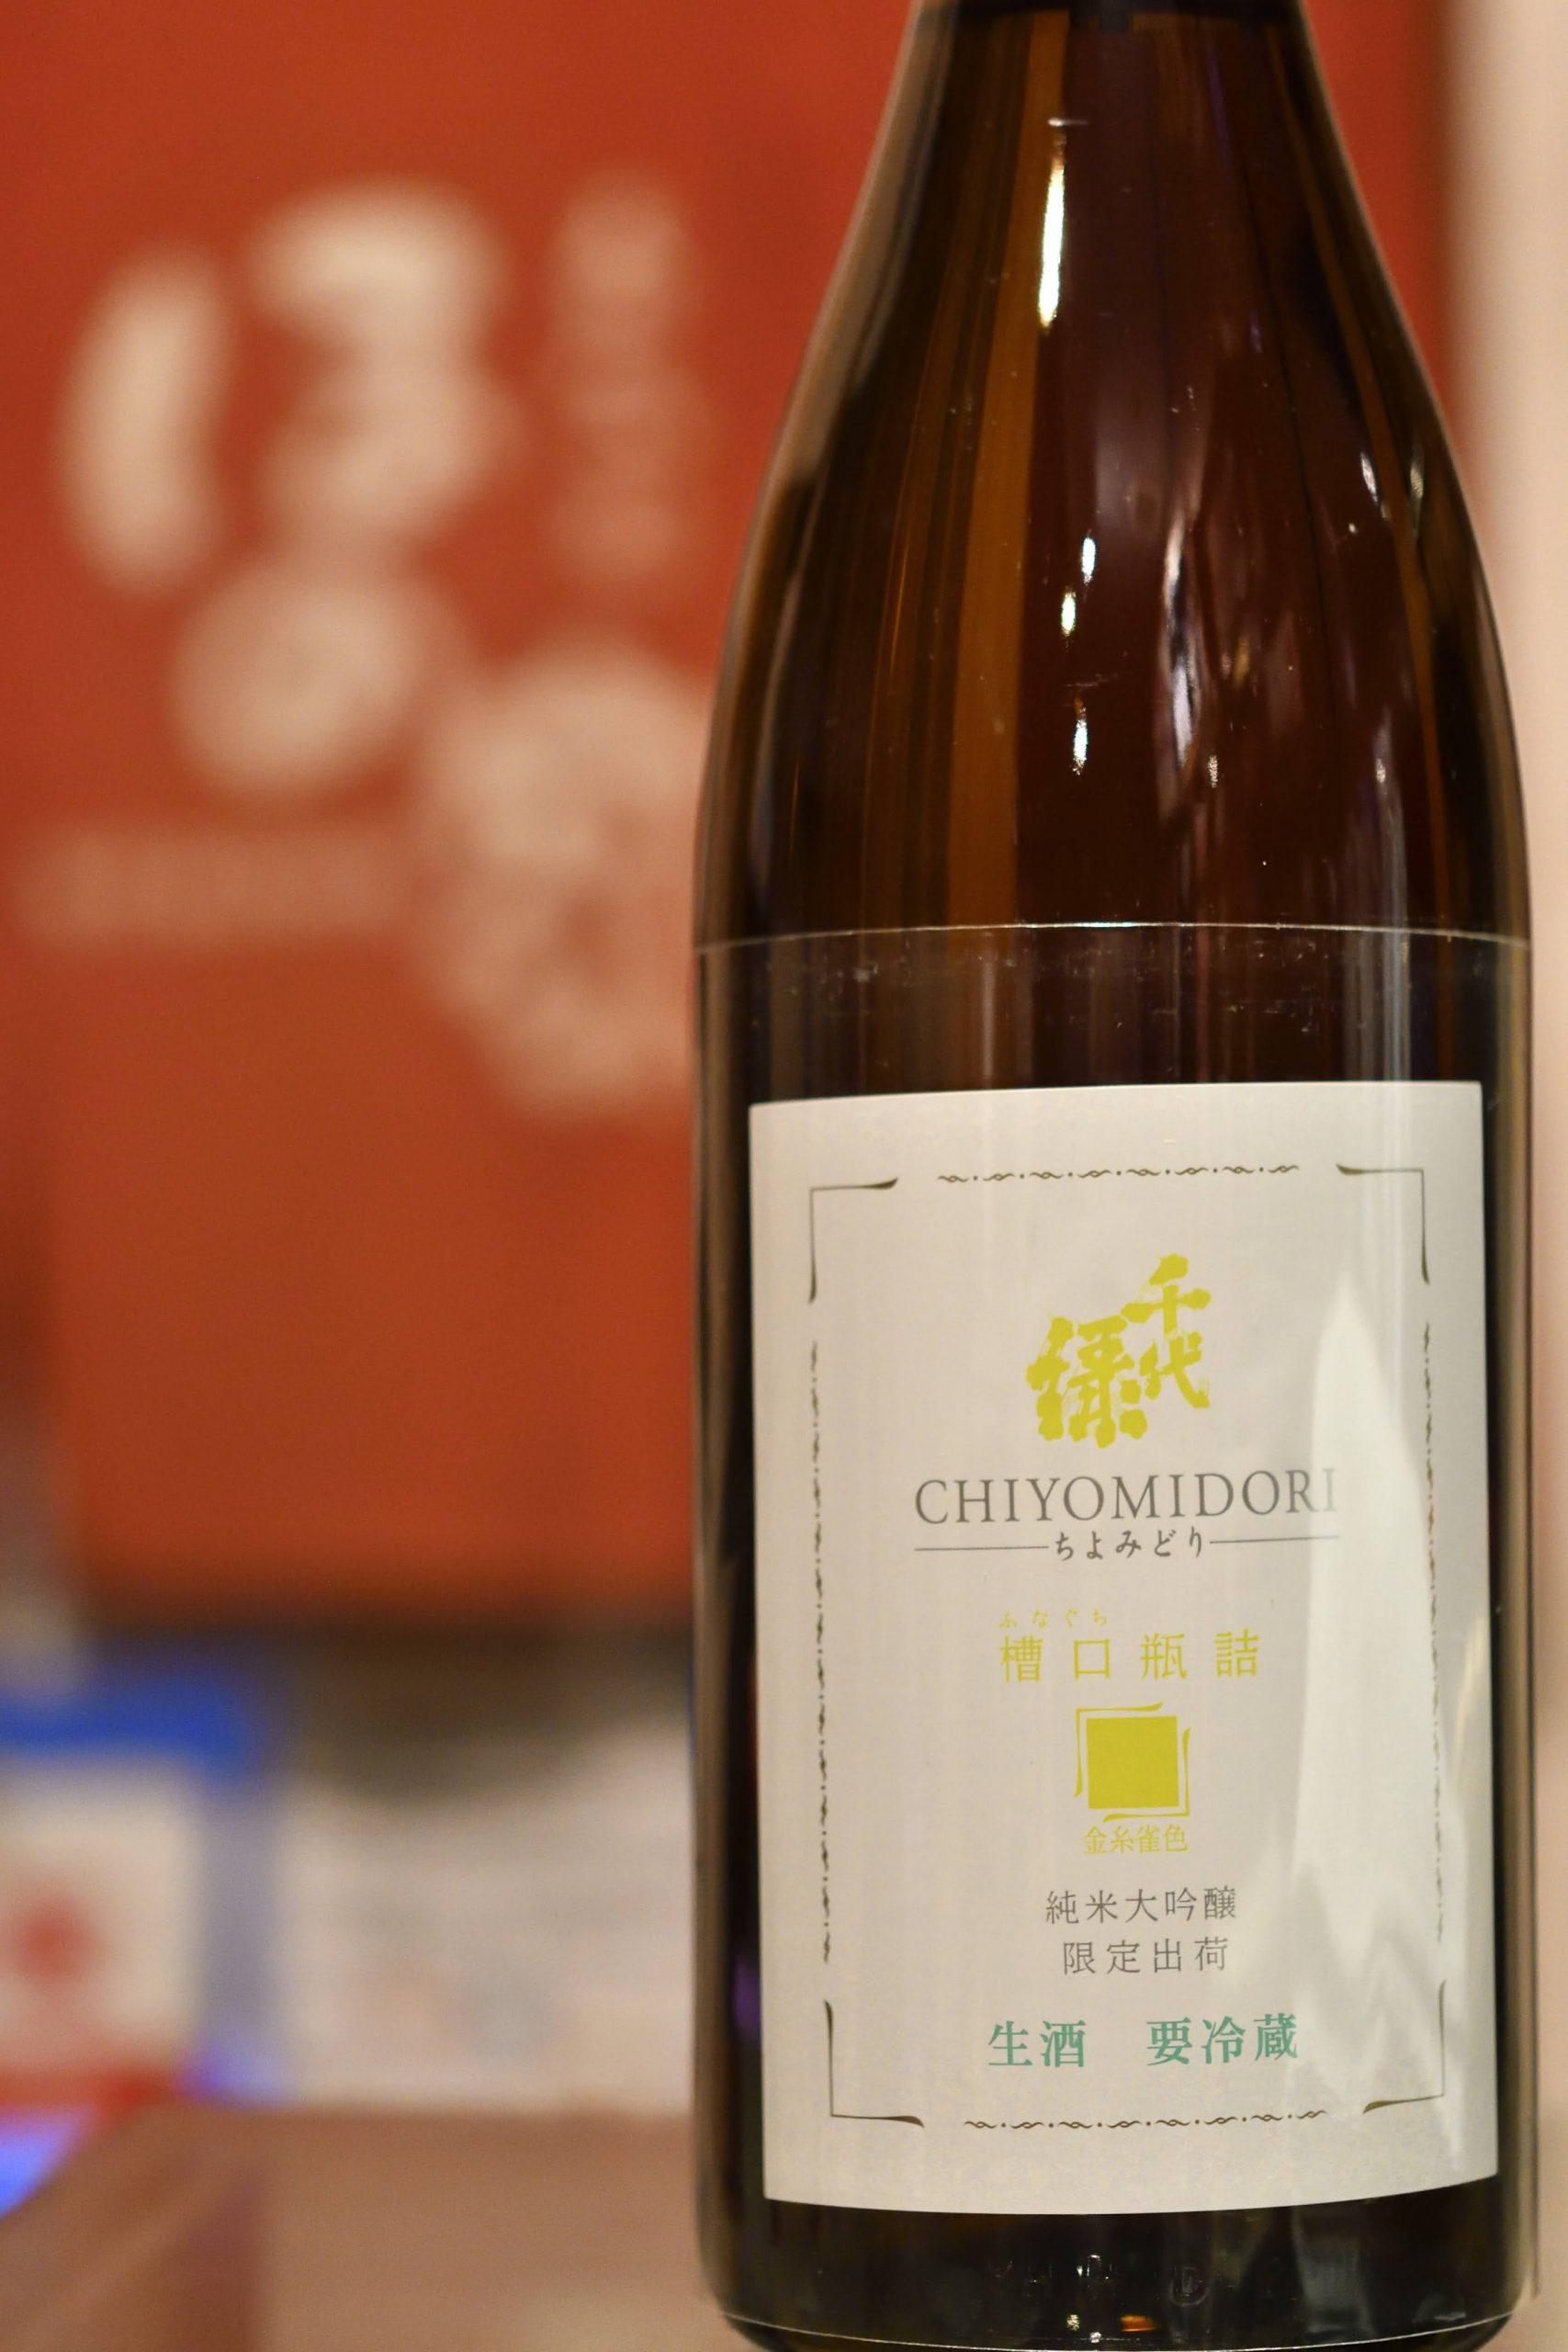 千代緑 純米大吟醸 槽口瓶詰生酒 金糸雀色